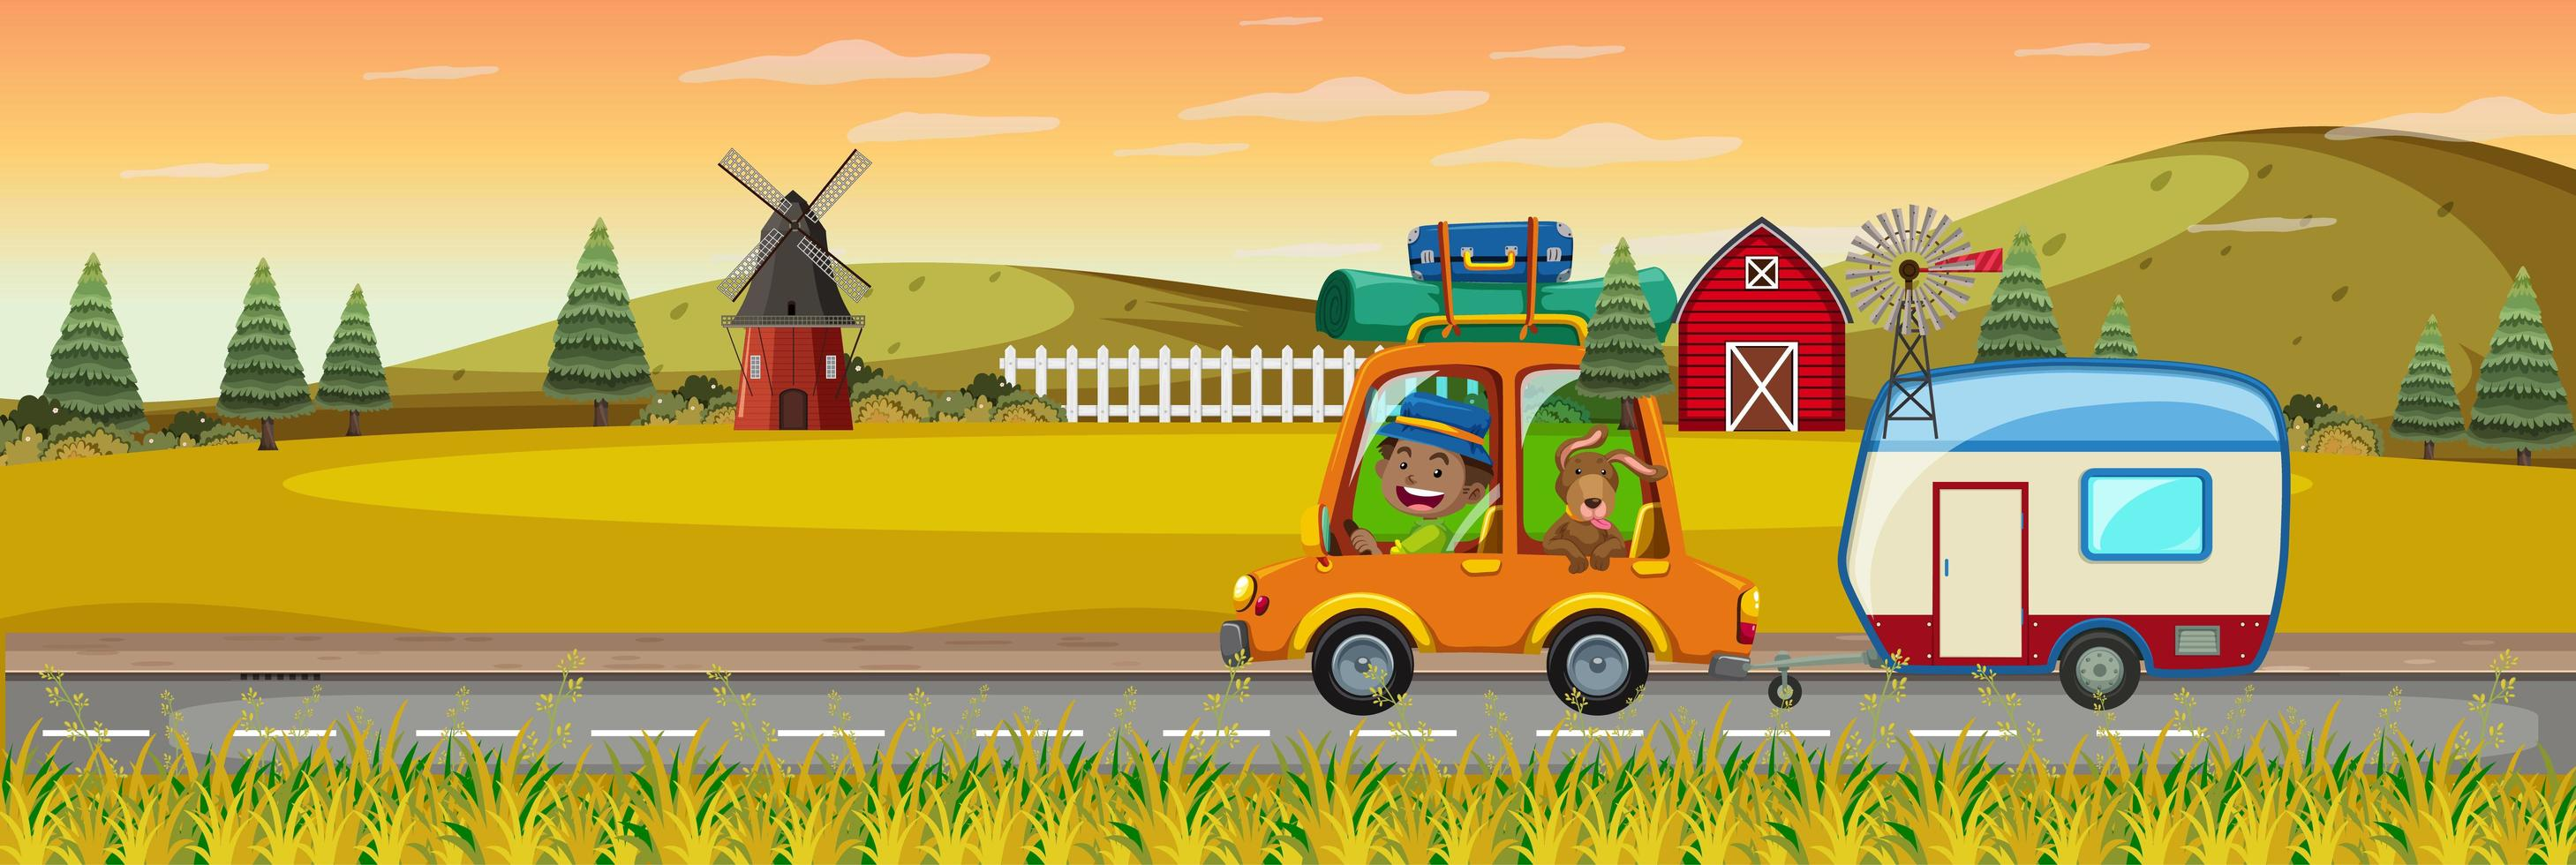 enfants sur roadtrip en scène de ferme horizontale au coucher du soleil vecteur